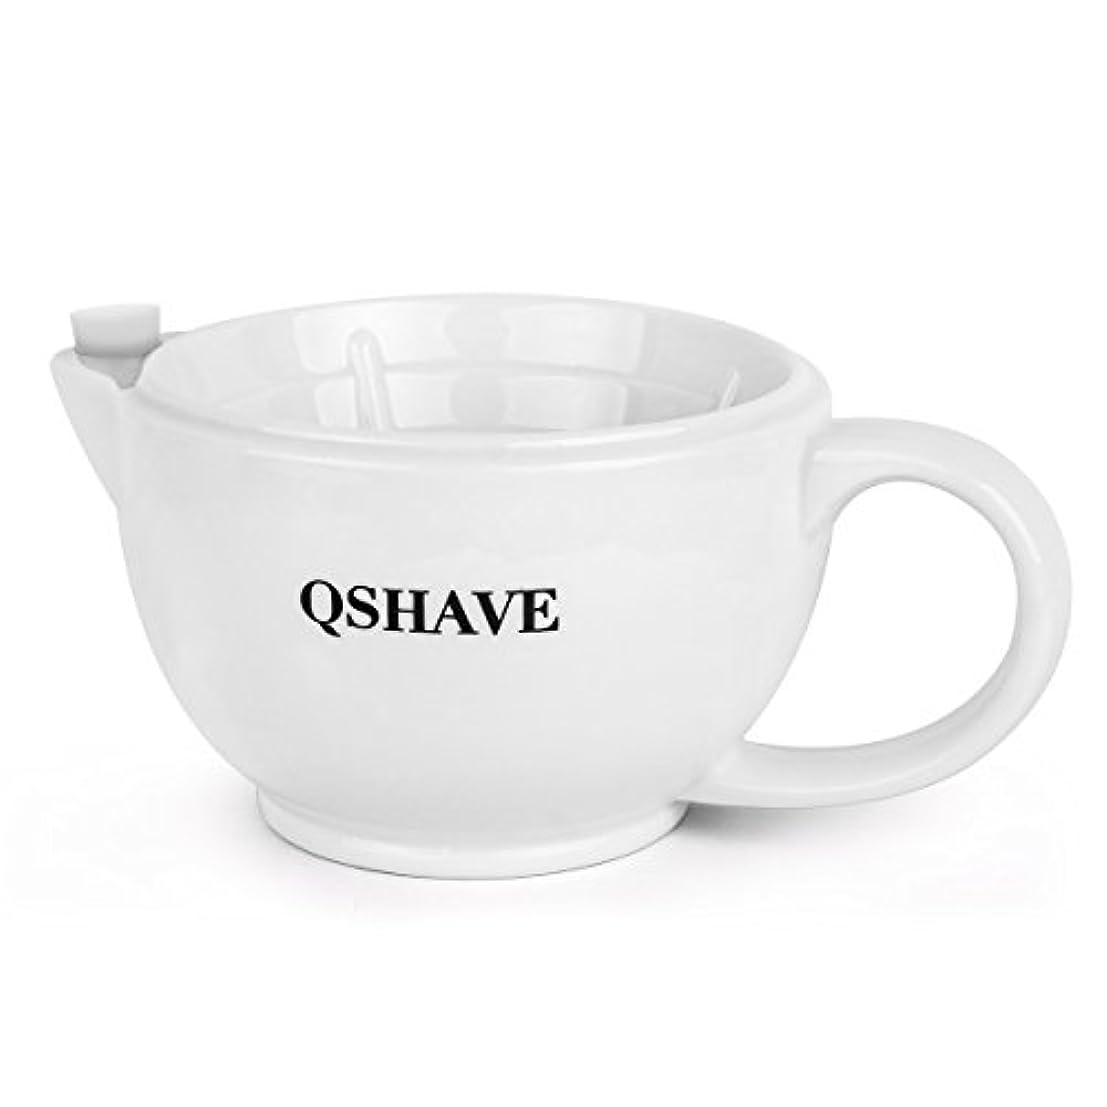 マニフェストビクターファイターQSHAVE シェービングシャトルのマグカップ - 常に泡を保つ - 手作りの陶器のカップ 白